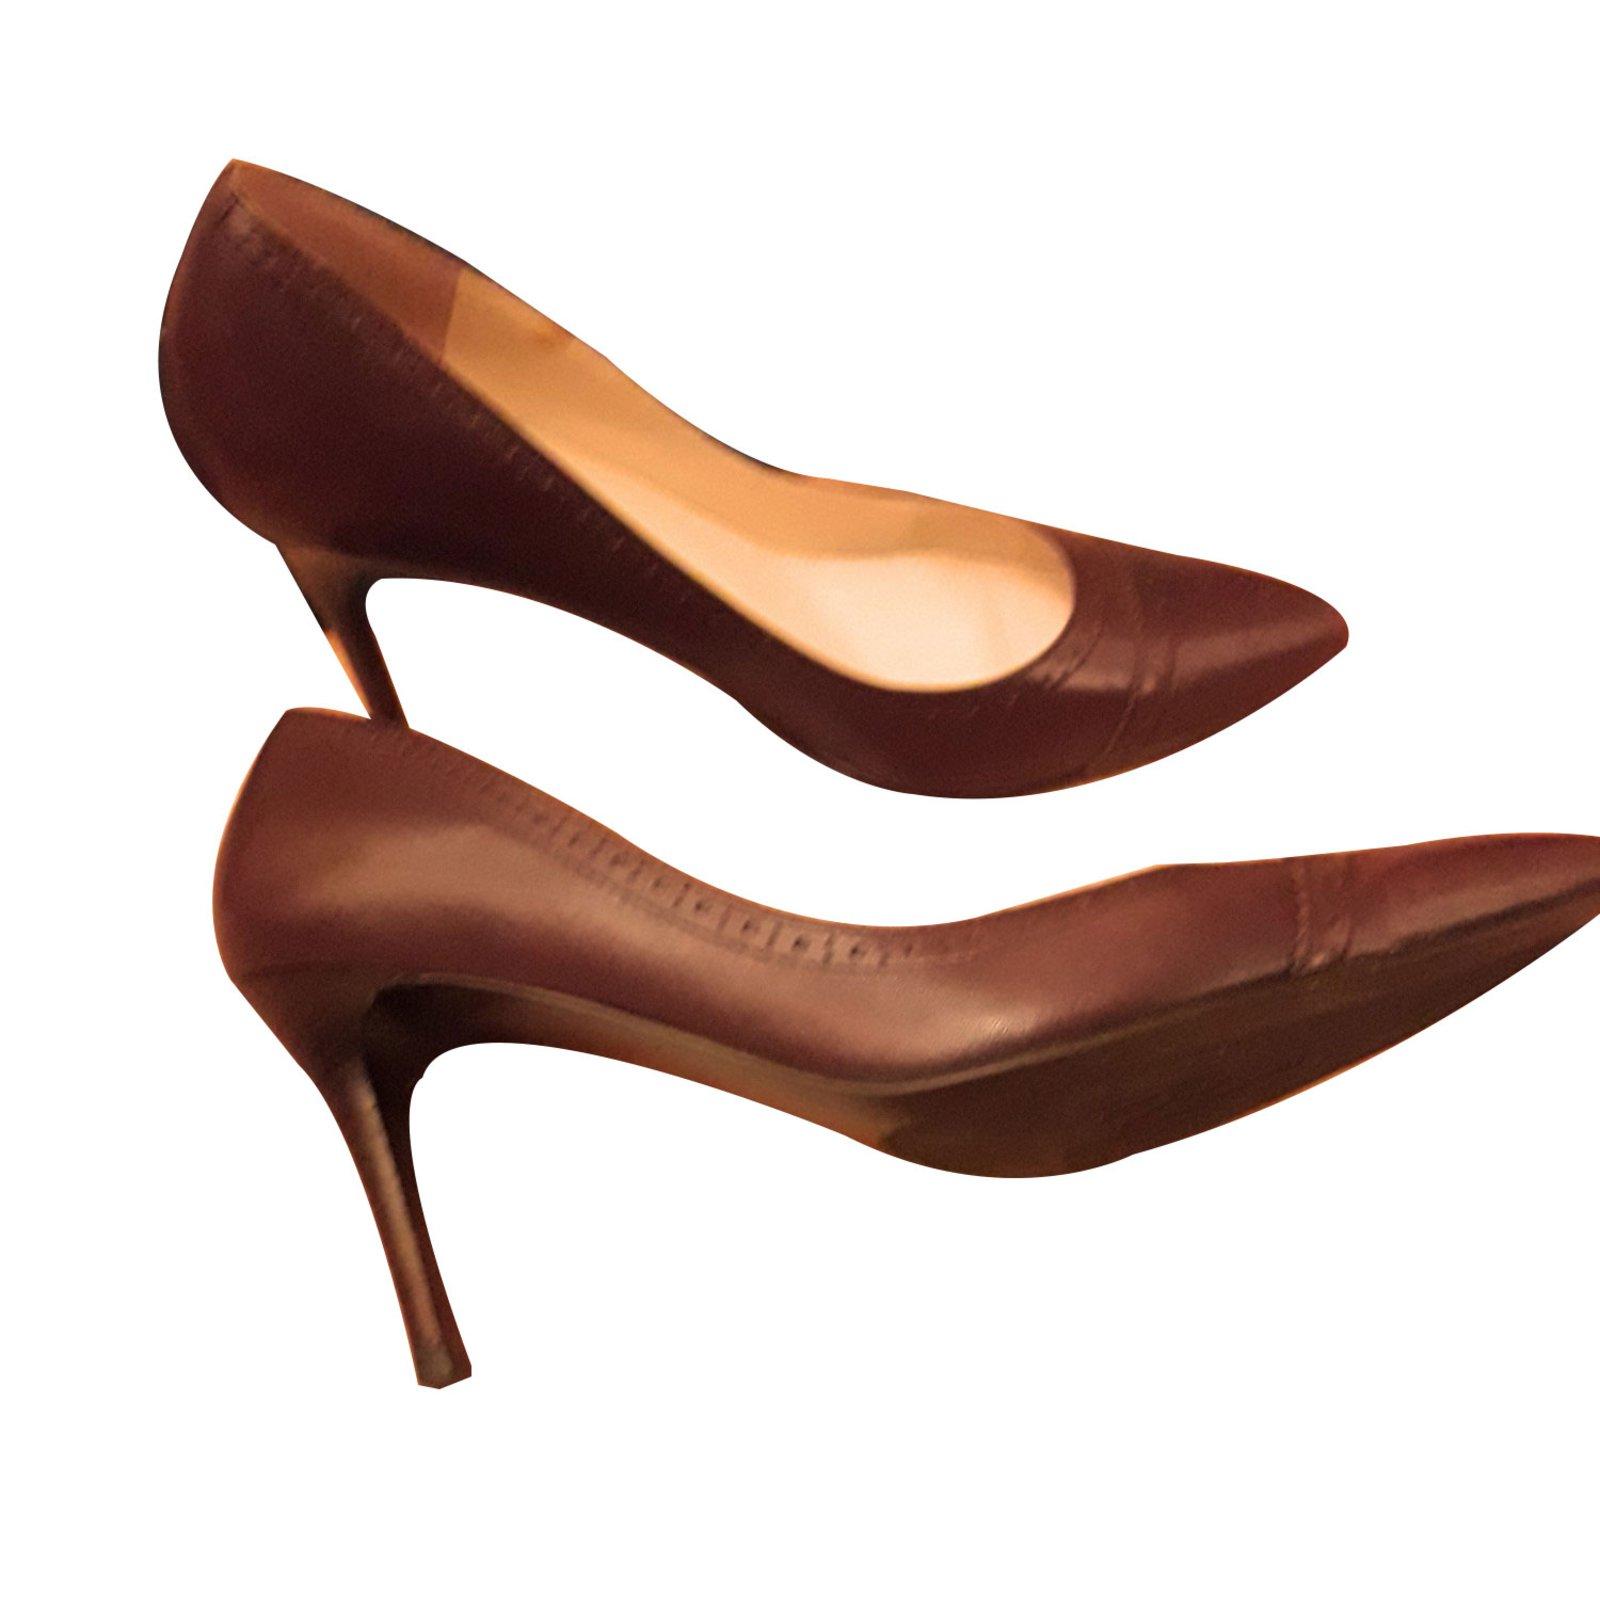 Ralph Lauren Pumps Heels Leather Dark